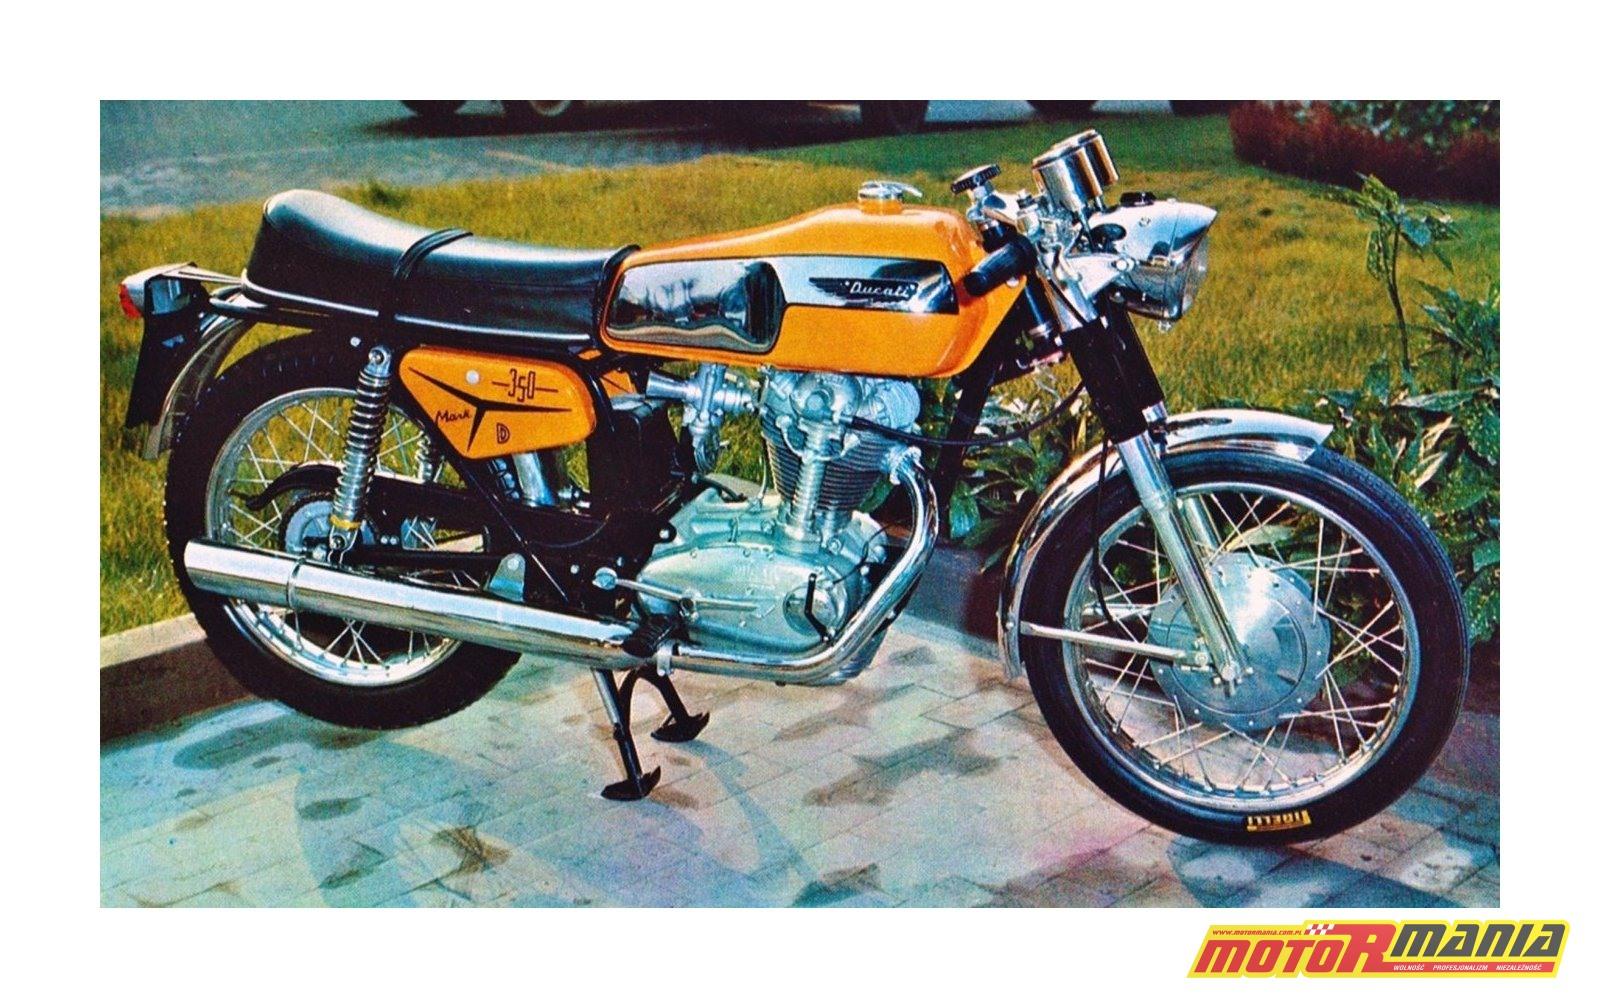 Ducati Desmo 350